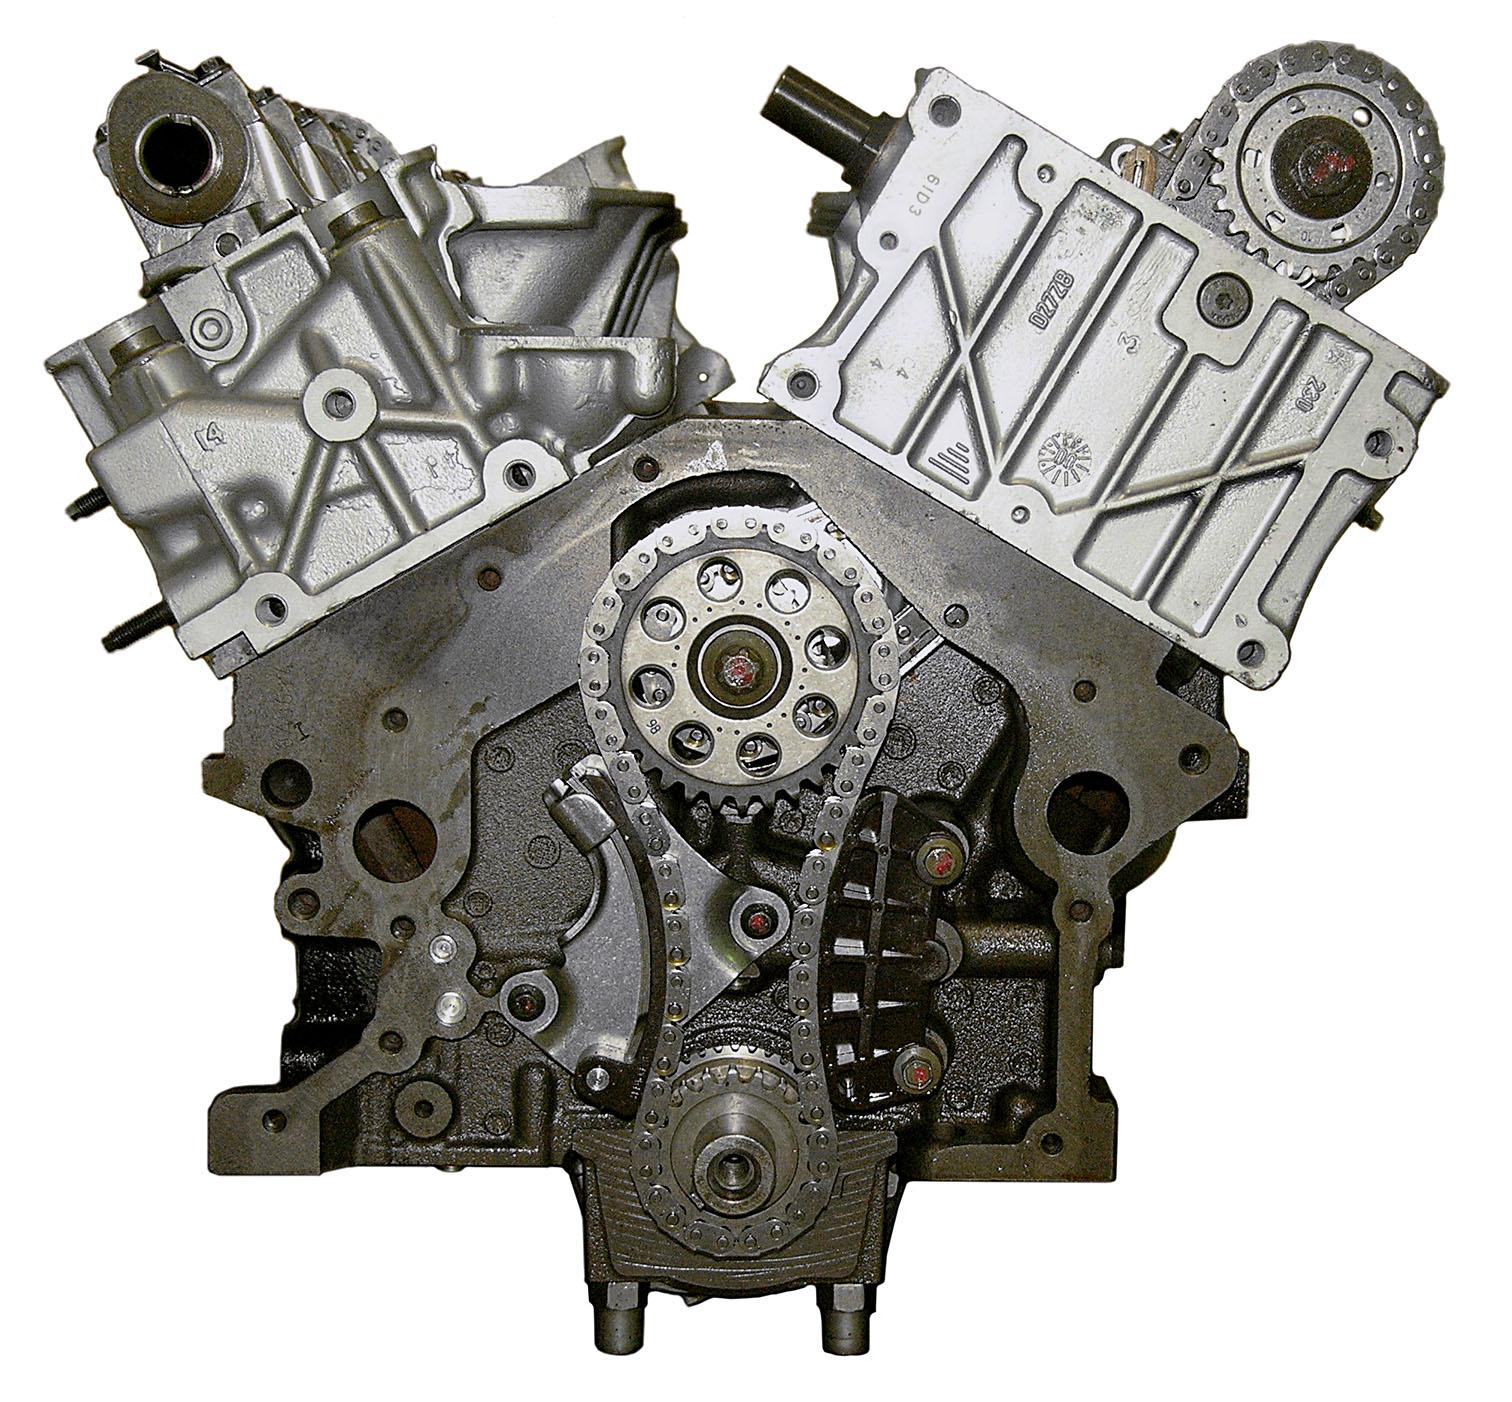 Ford 4 0 Sohc Engine View V6 Diagram 1998